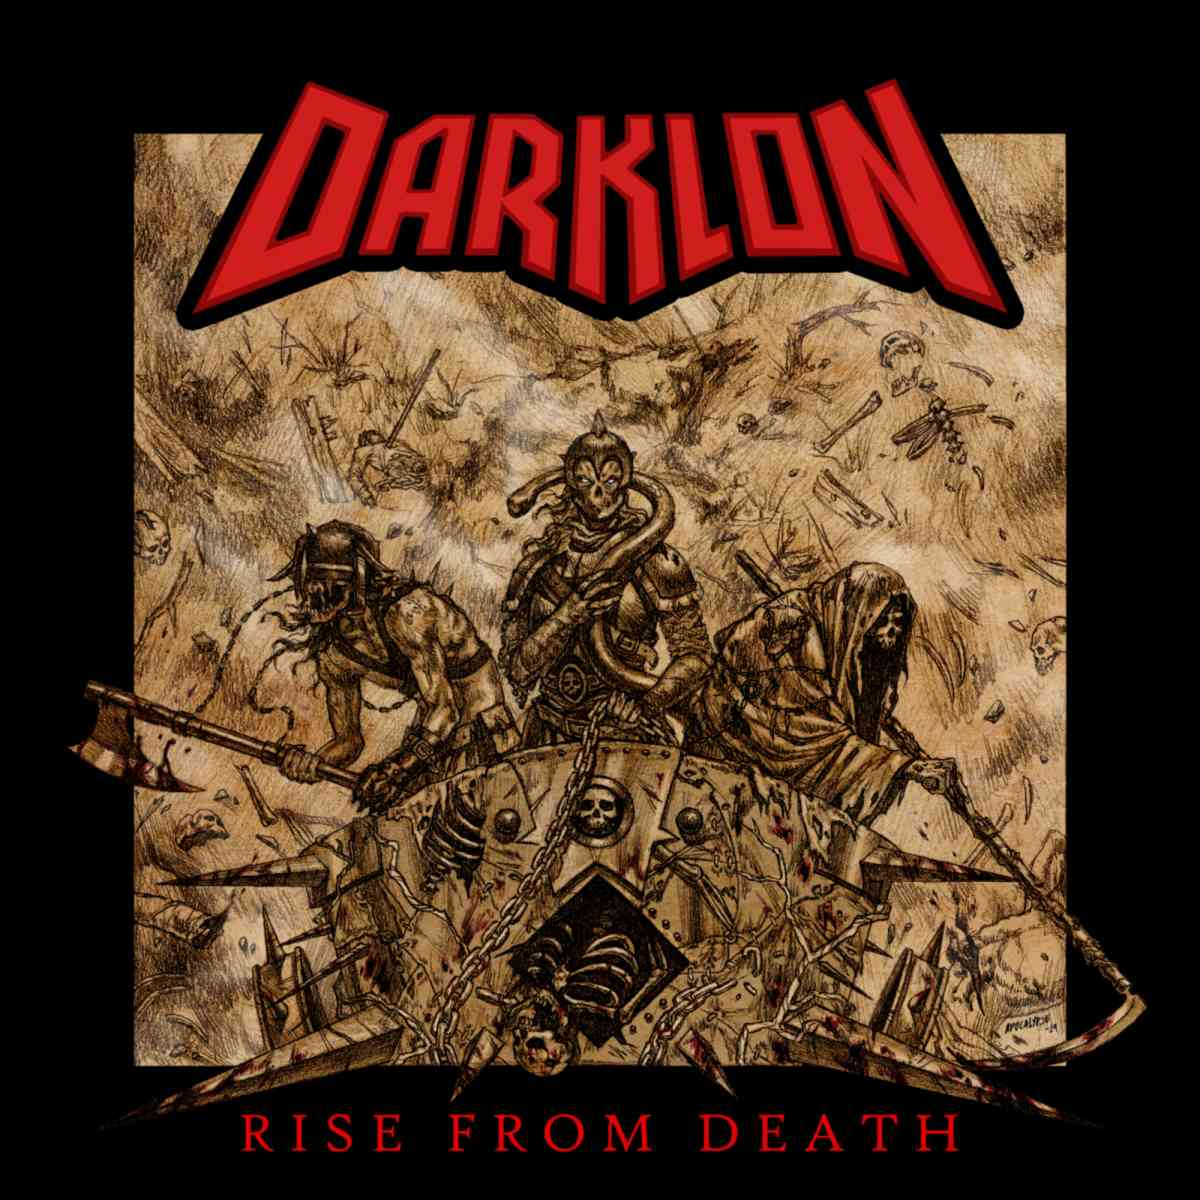 darklon - rise from death - album cover